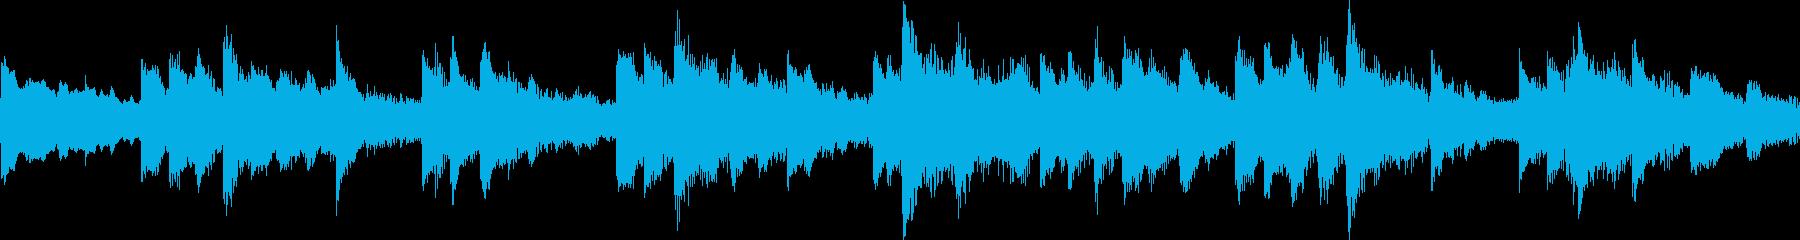 ピアノとストリングスの癒し系BGMループの再生済みの波形